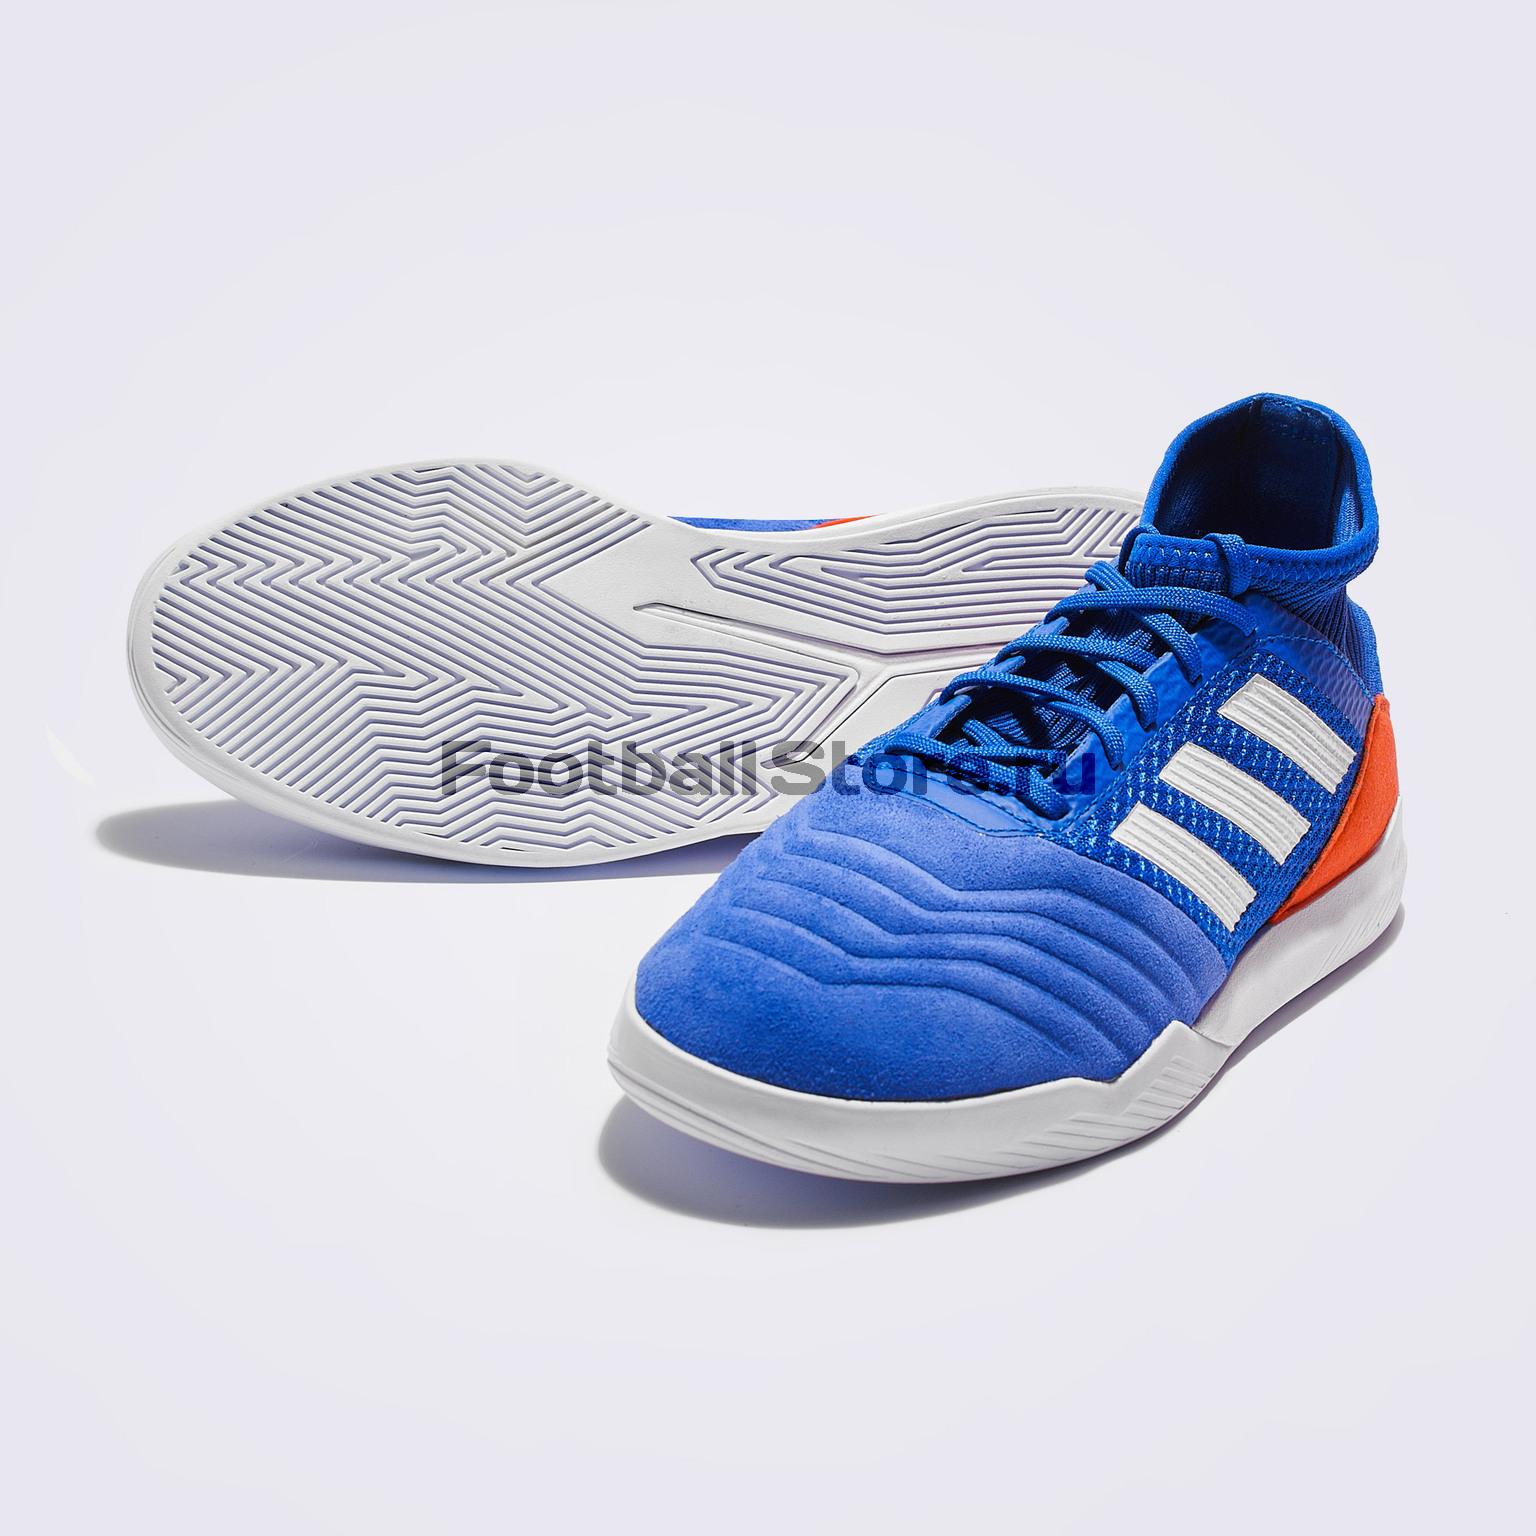 Футбольная обувь Adidas Predator 19.3 TR BB9086 обувь для борьбы adidas combat speed iv